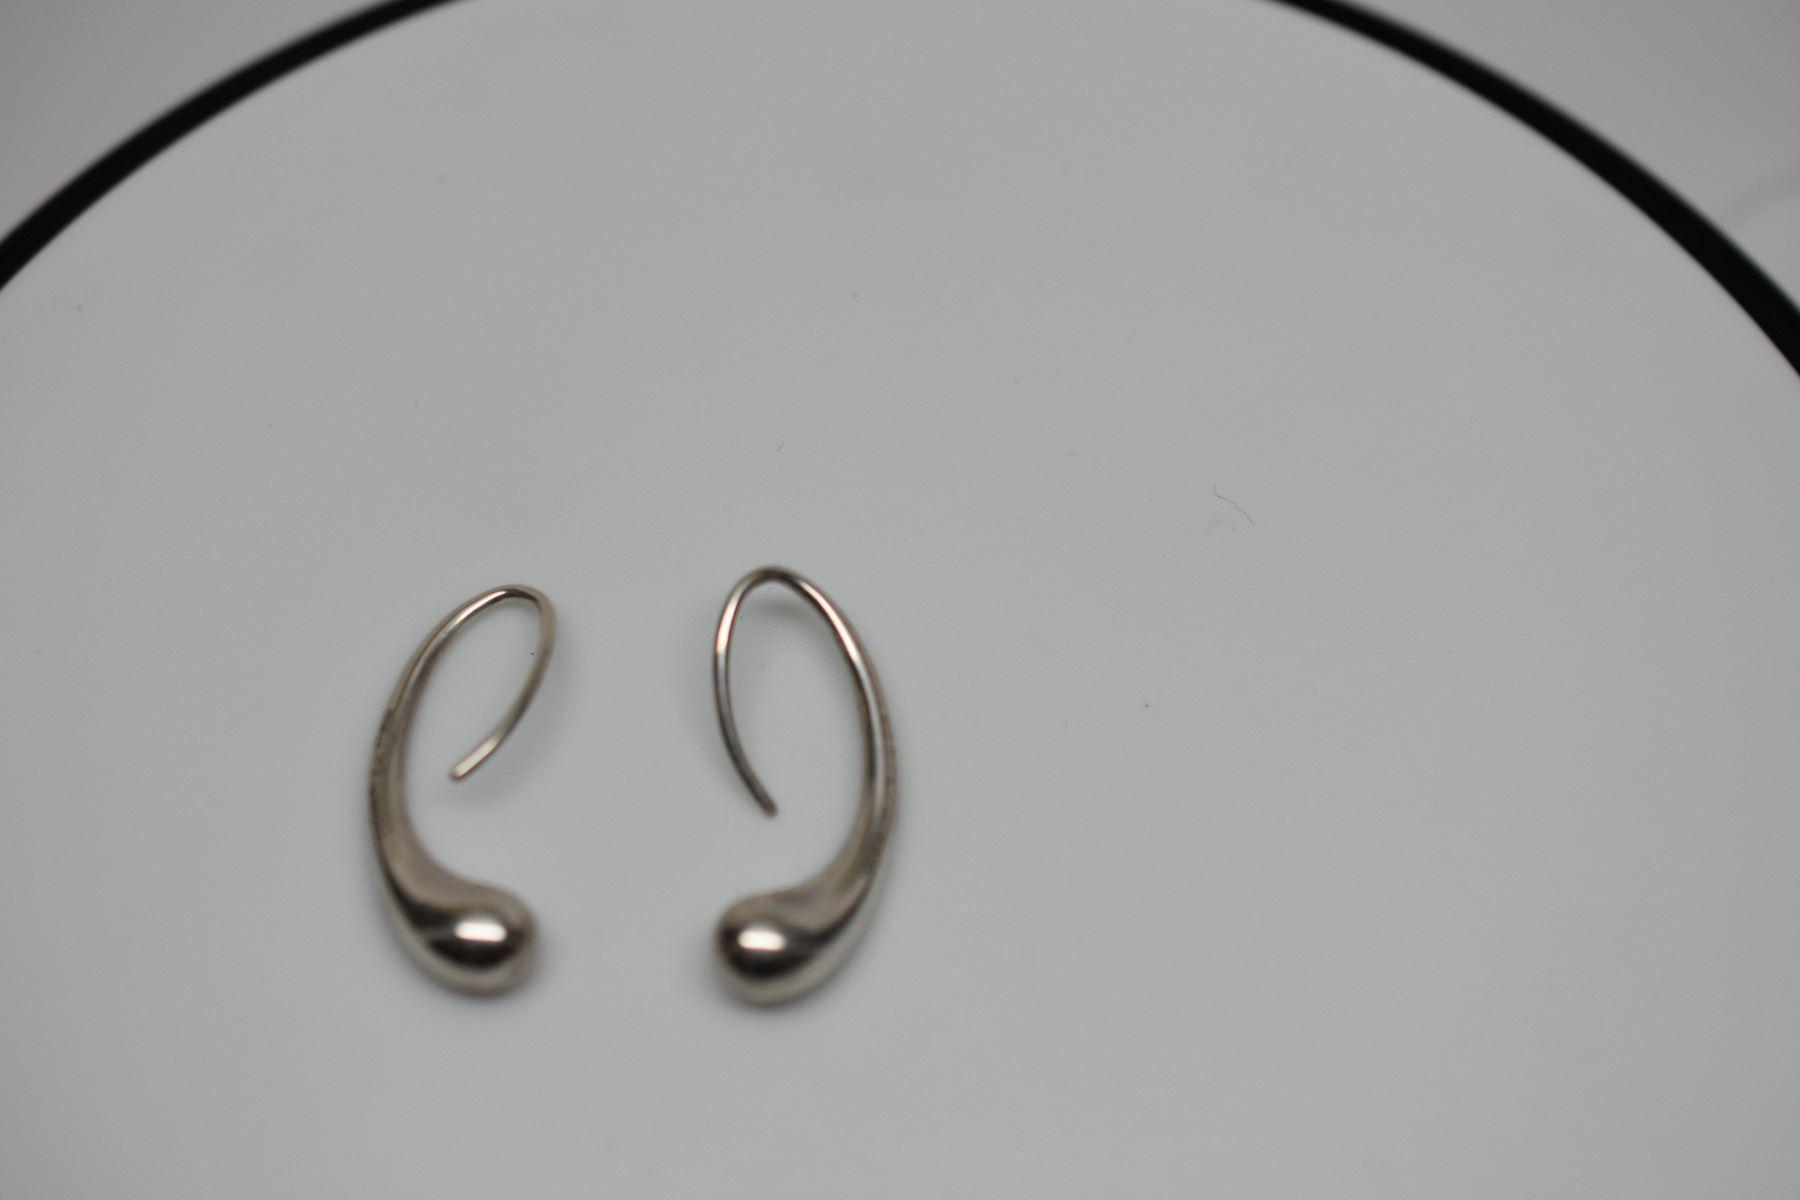 0b9991e15 ... Image 3 : Pair: Tiffany & Co. Sterling Silver Teardrop Earrings - 1